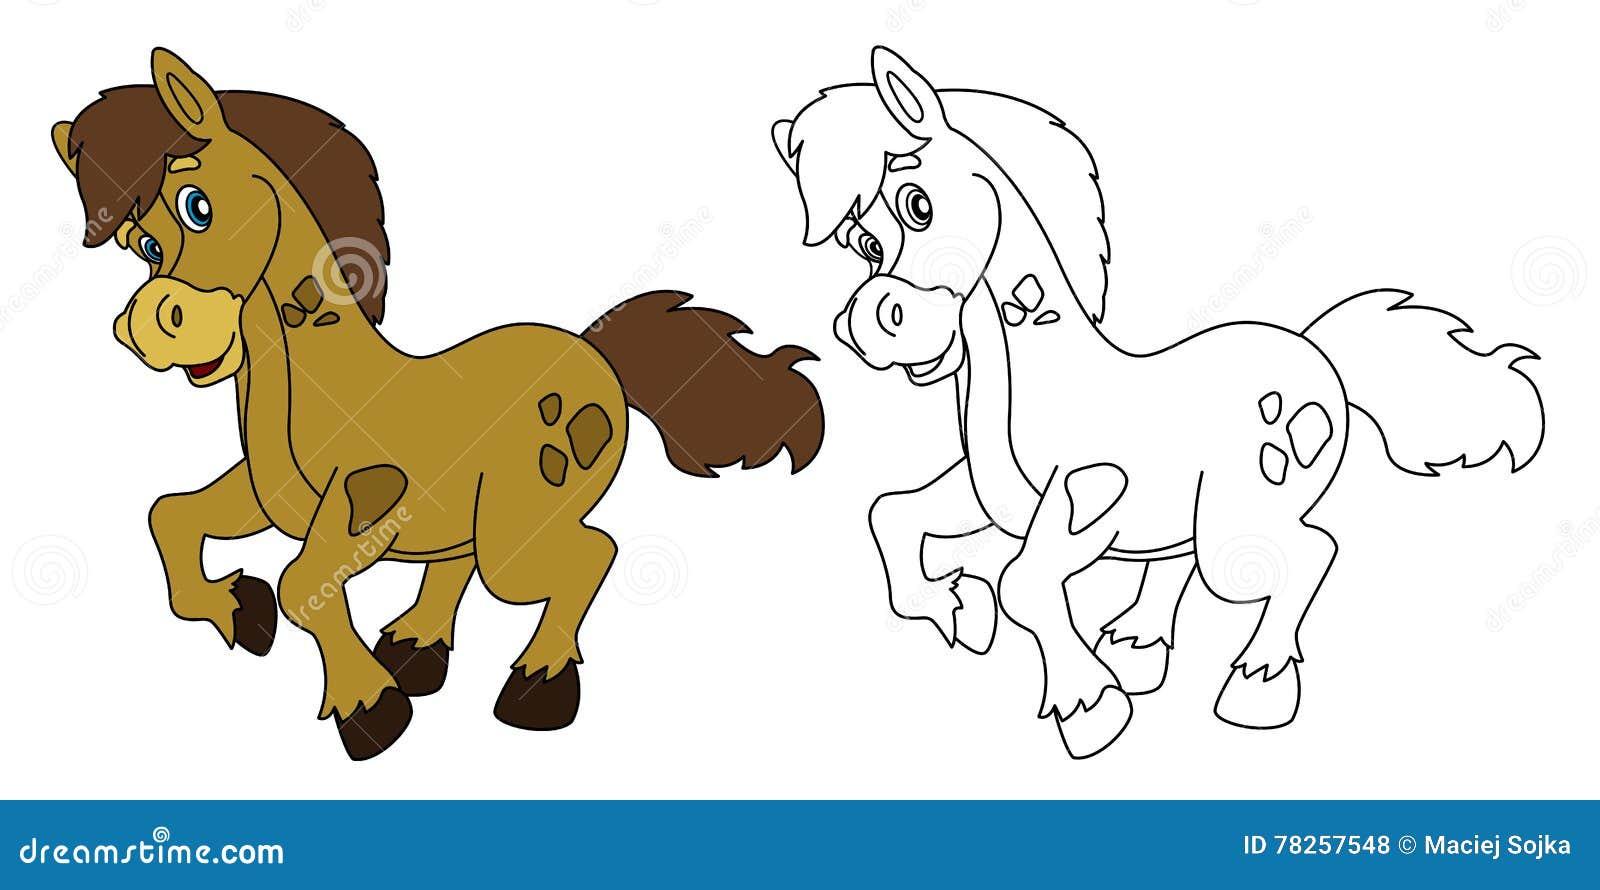 Άλογο κινούμενων σχεδίων - που απομονώνεται - με το χρωματισμό της σελίδας